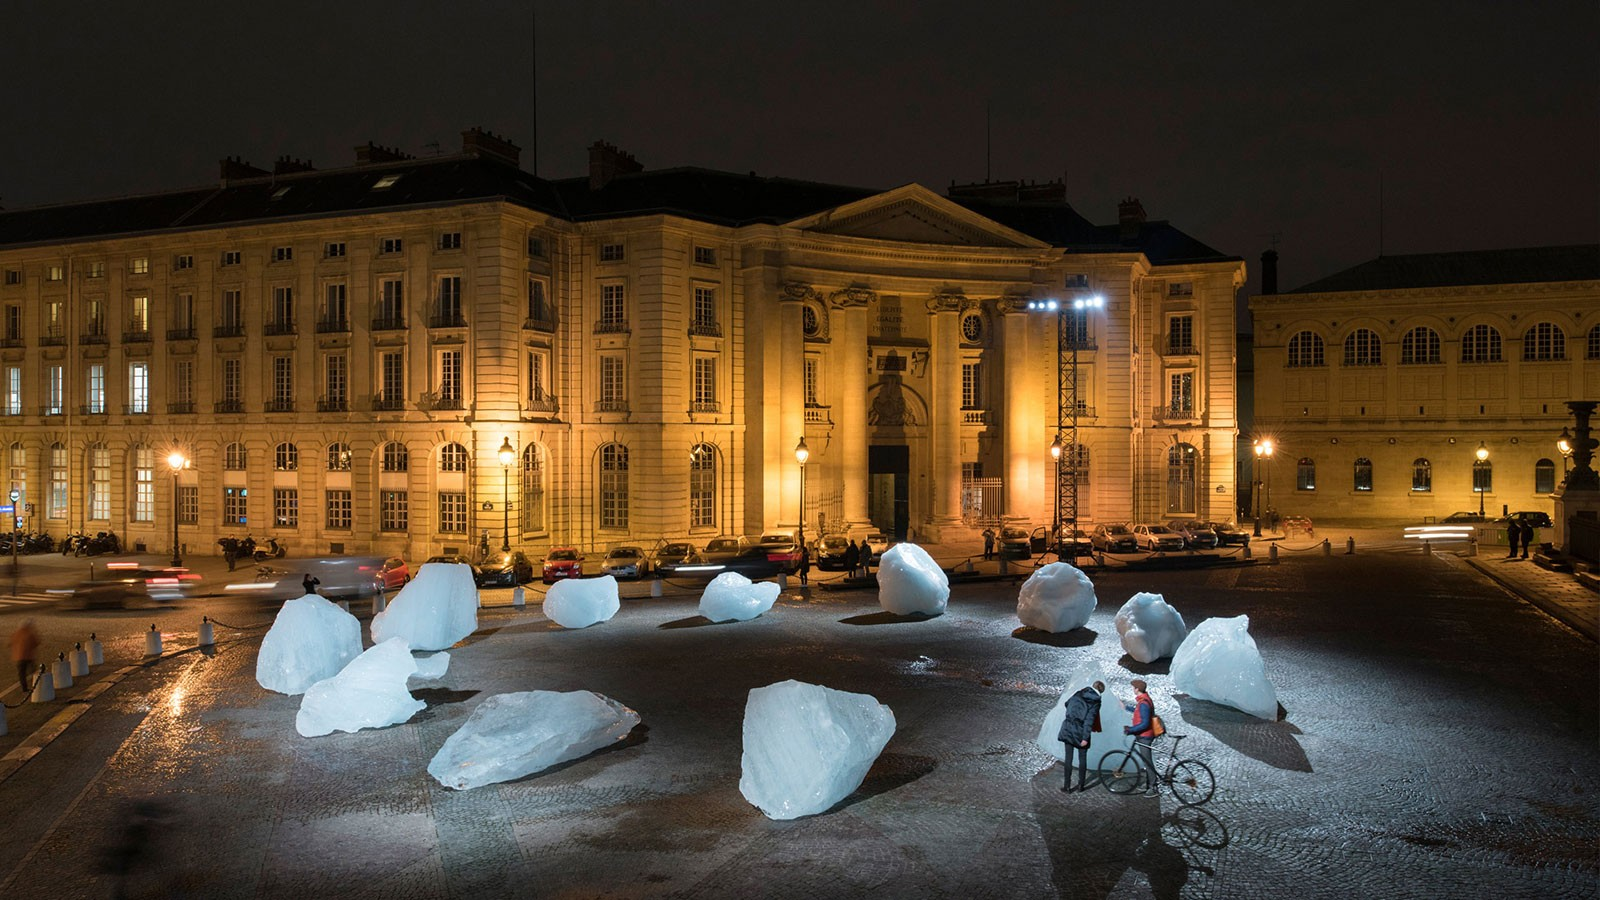 Ice Watch, Installation de Olafur Eliasson et Minik Rosing, Place du Panthéon, Paris, 3-12 Décembre 2015. Source : http://icewatchparis.com/